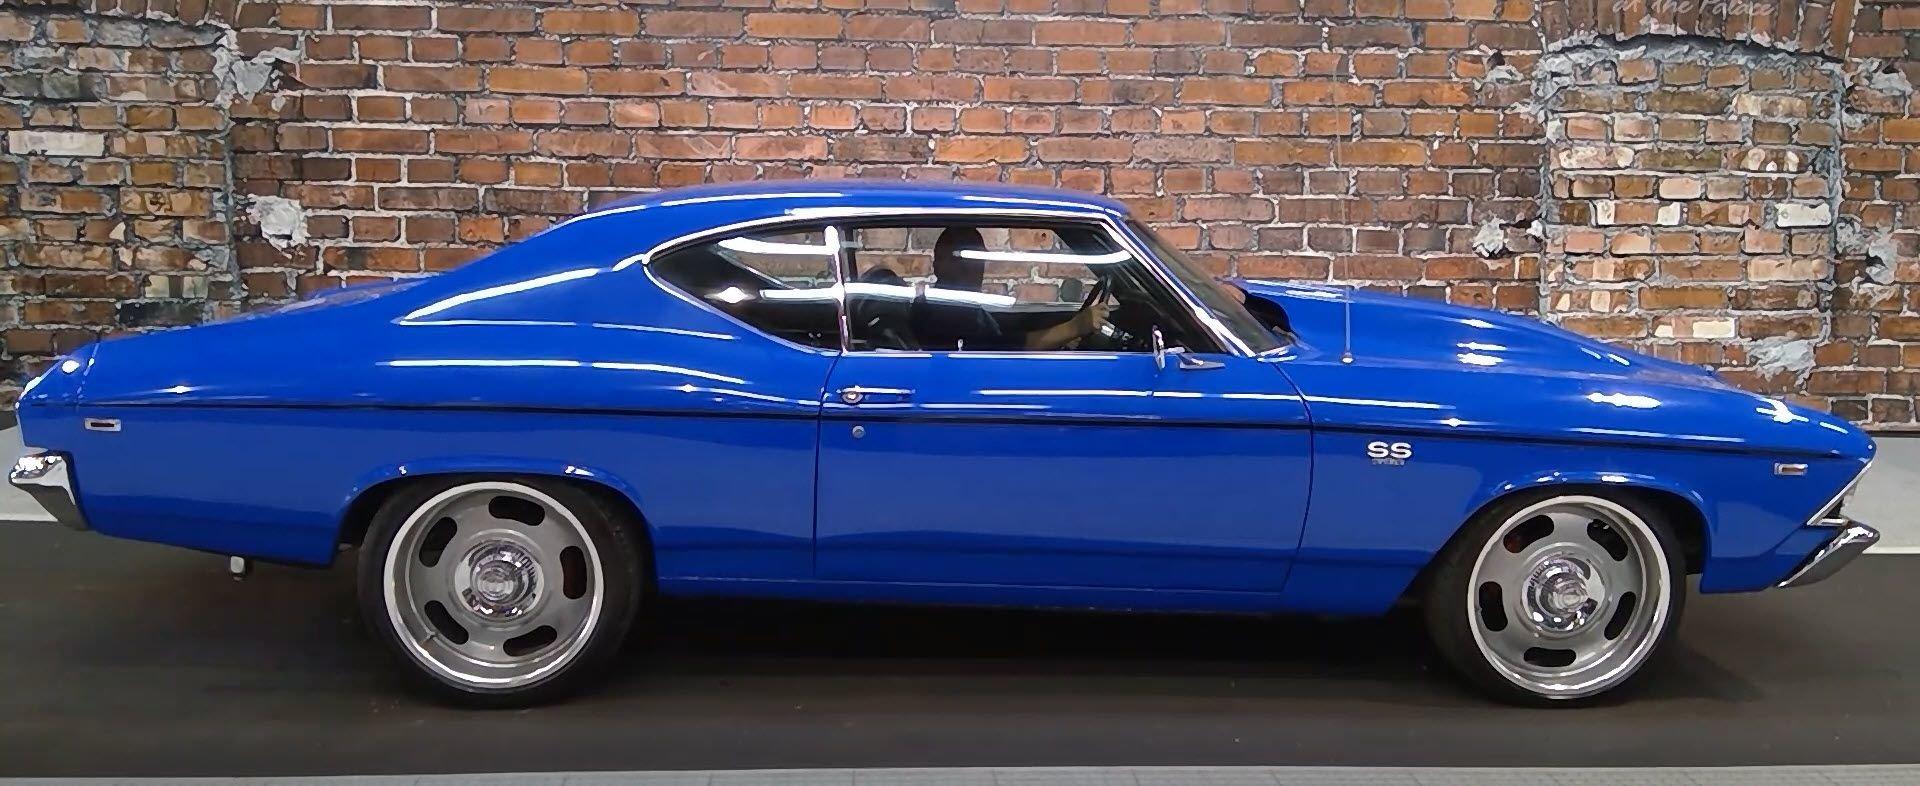 1969 chevrolet chevelle ss replica